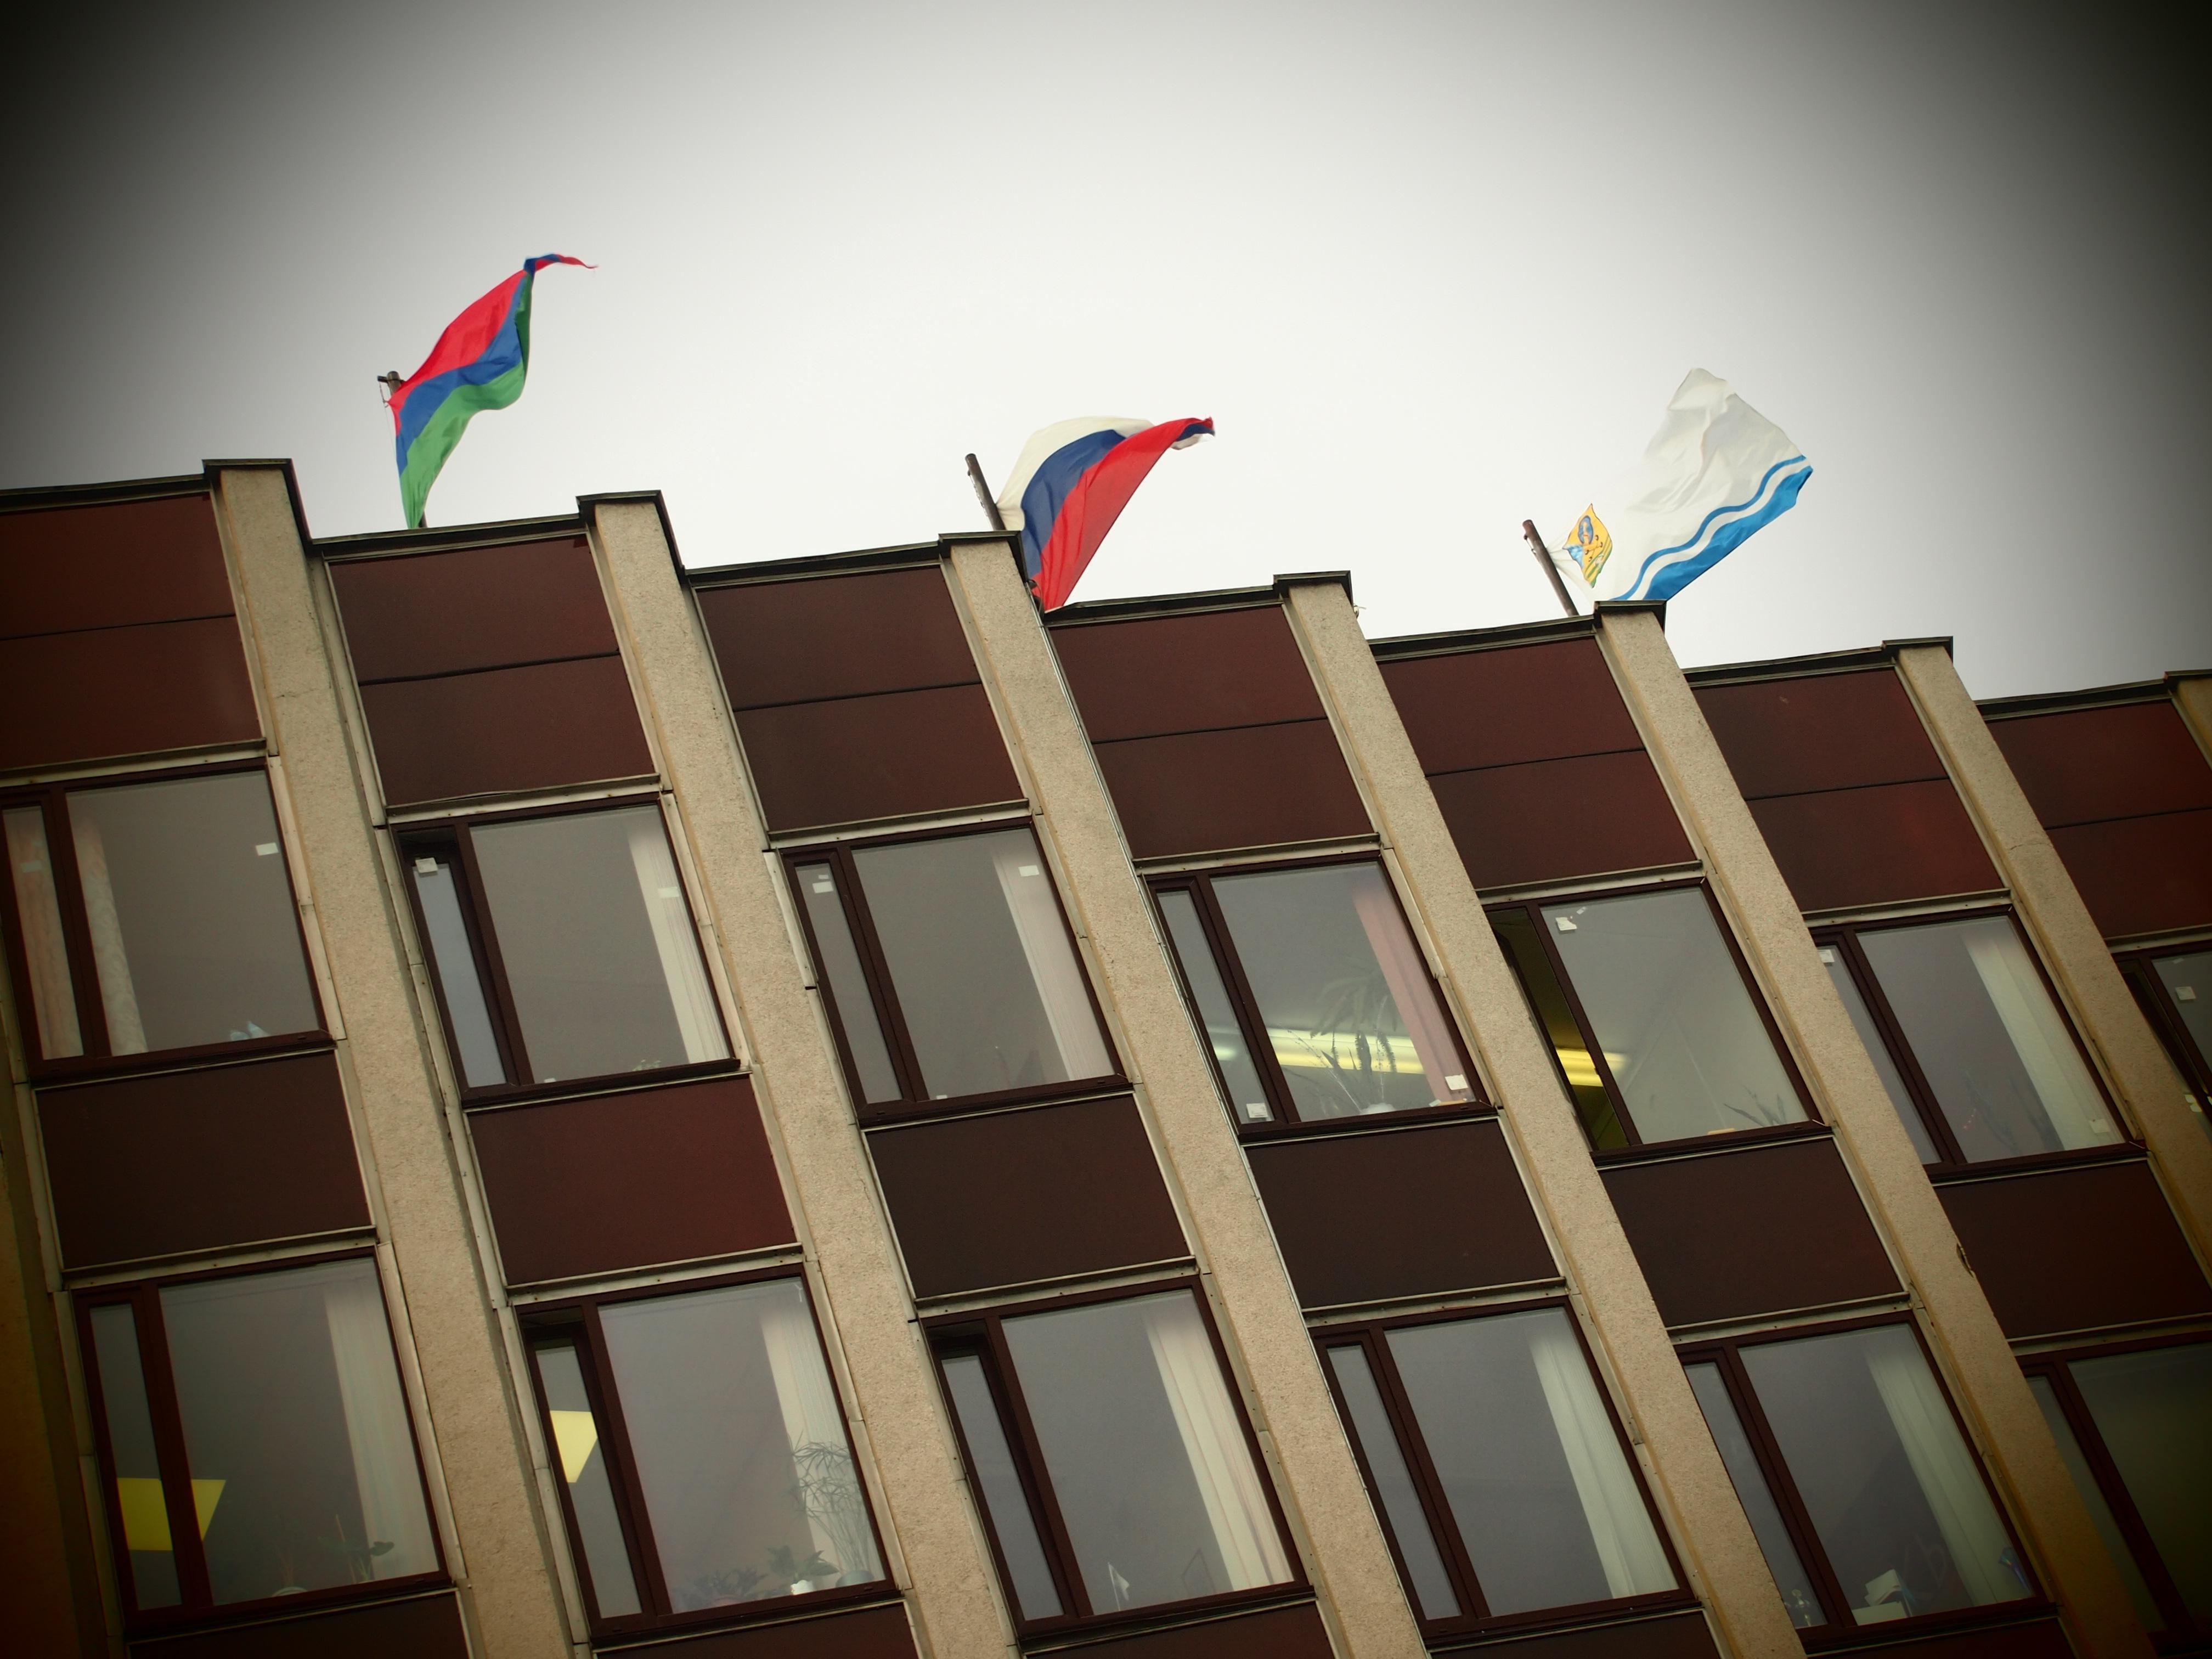 В мэрии Петрозаводска отрицательно отнеслись к намерениям правительства Карелии забрать у муниципалитетов земельные полномочия. Фото: Валерий Поташов